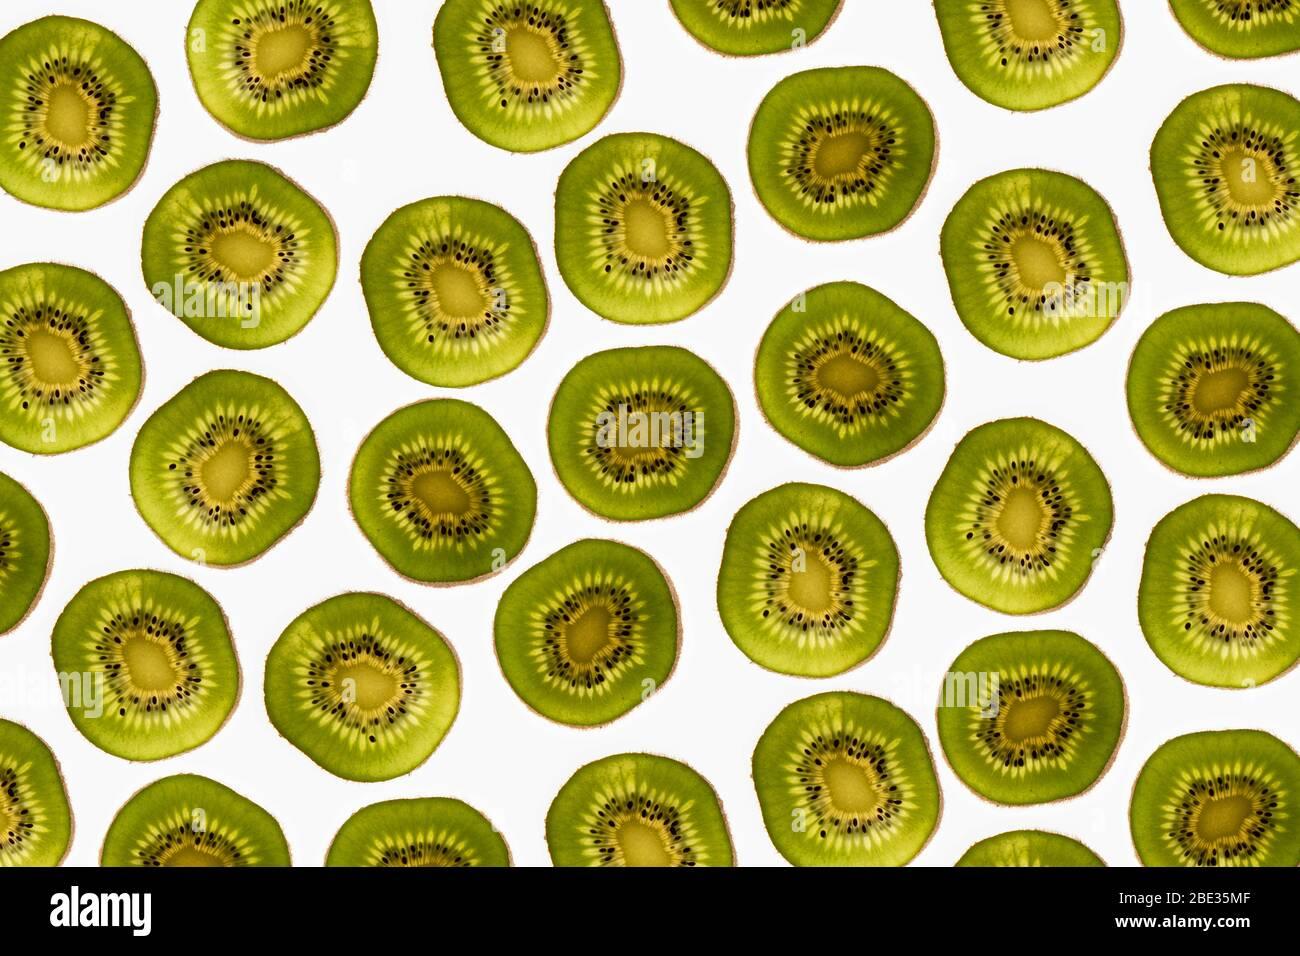 una bella immagine di un interessante modello di fette di kiwi su uno sfondo bianco brillante, flatlay Foto Stock